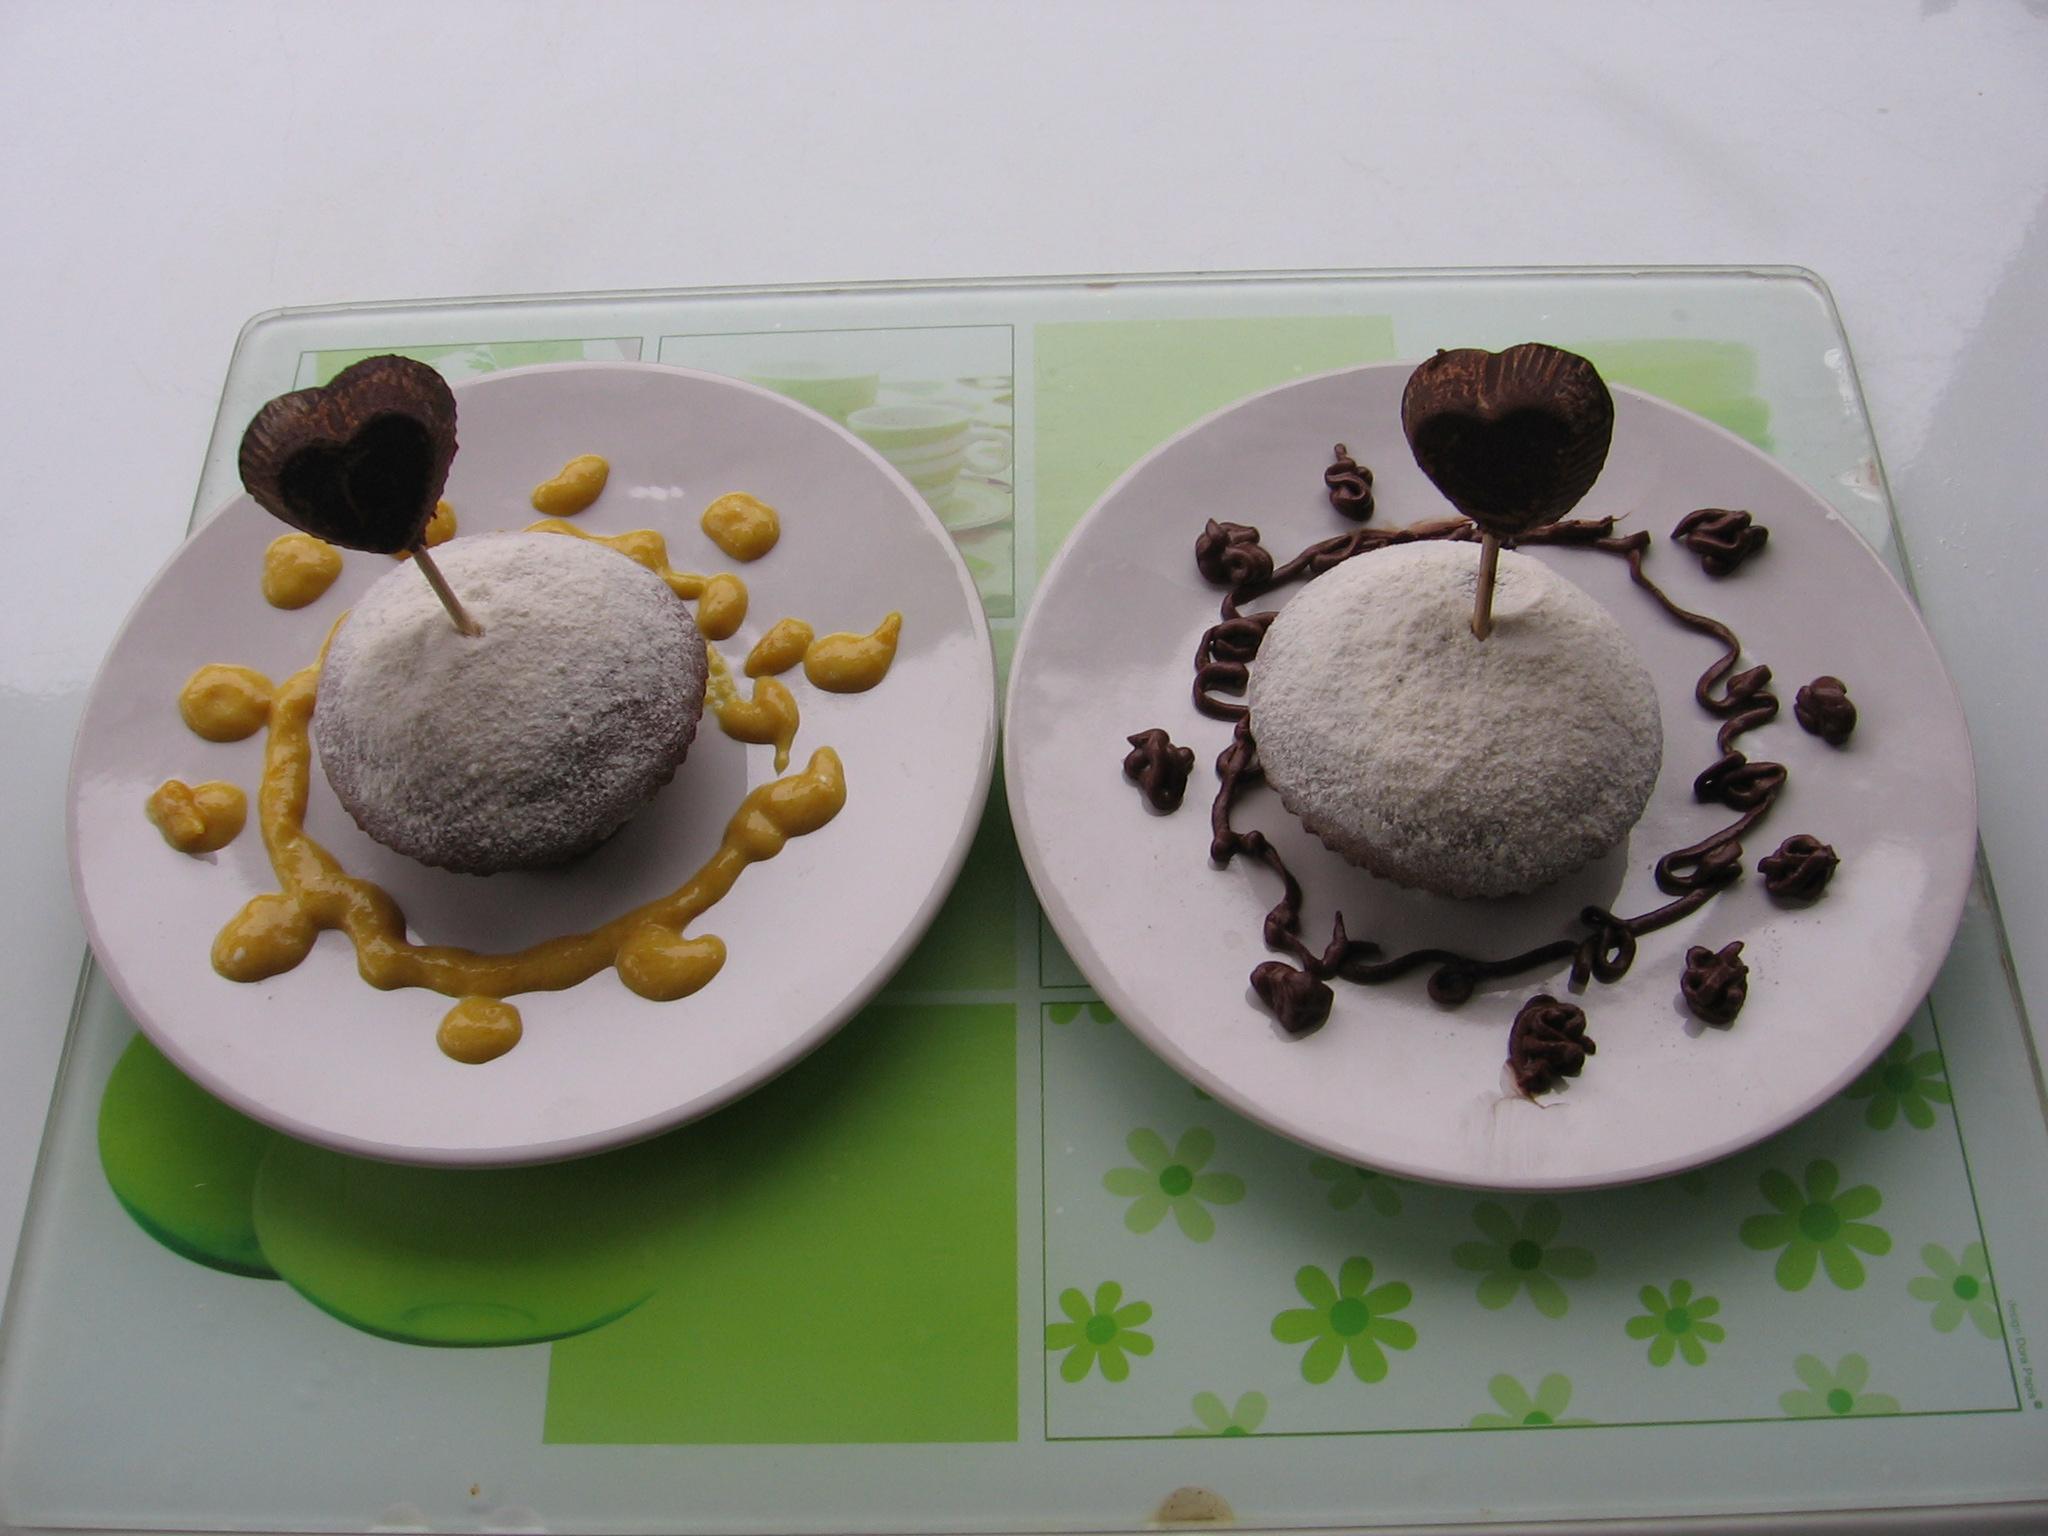 Saint-Valentin : Gâteau tendre et cœurs en chocolat